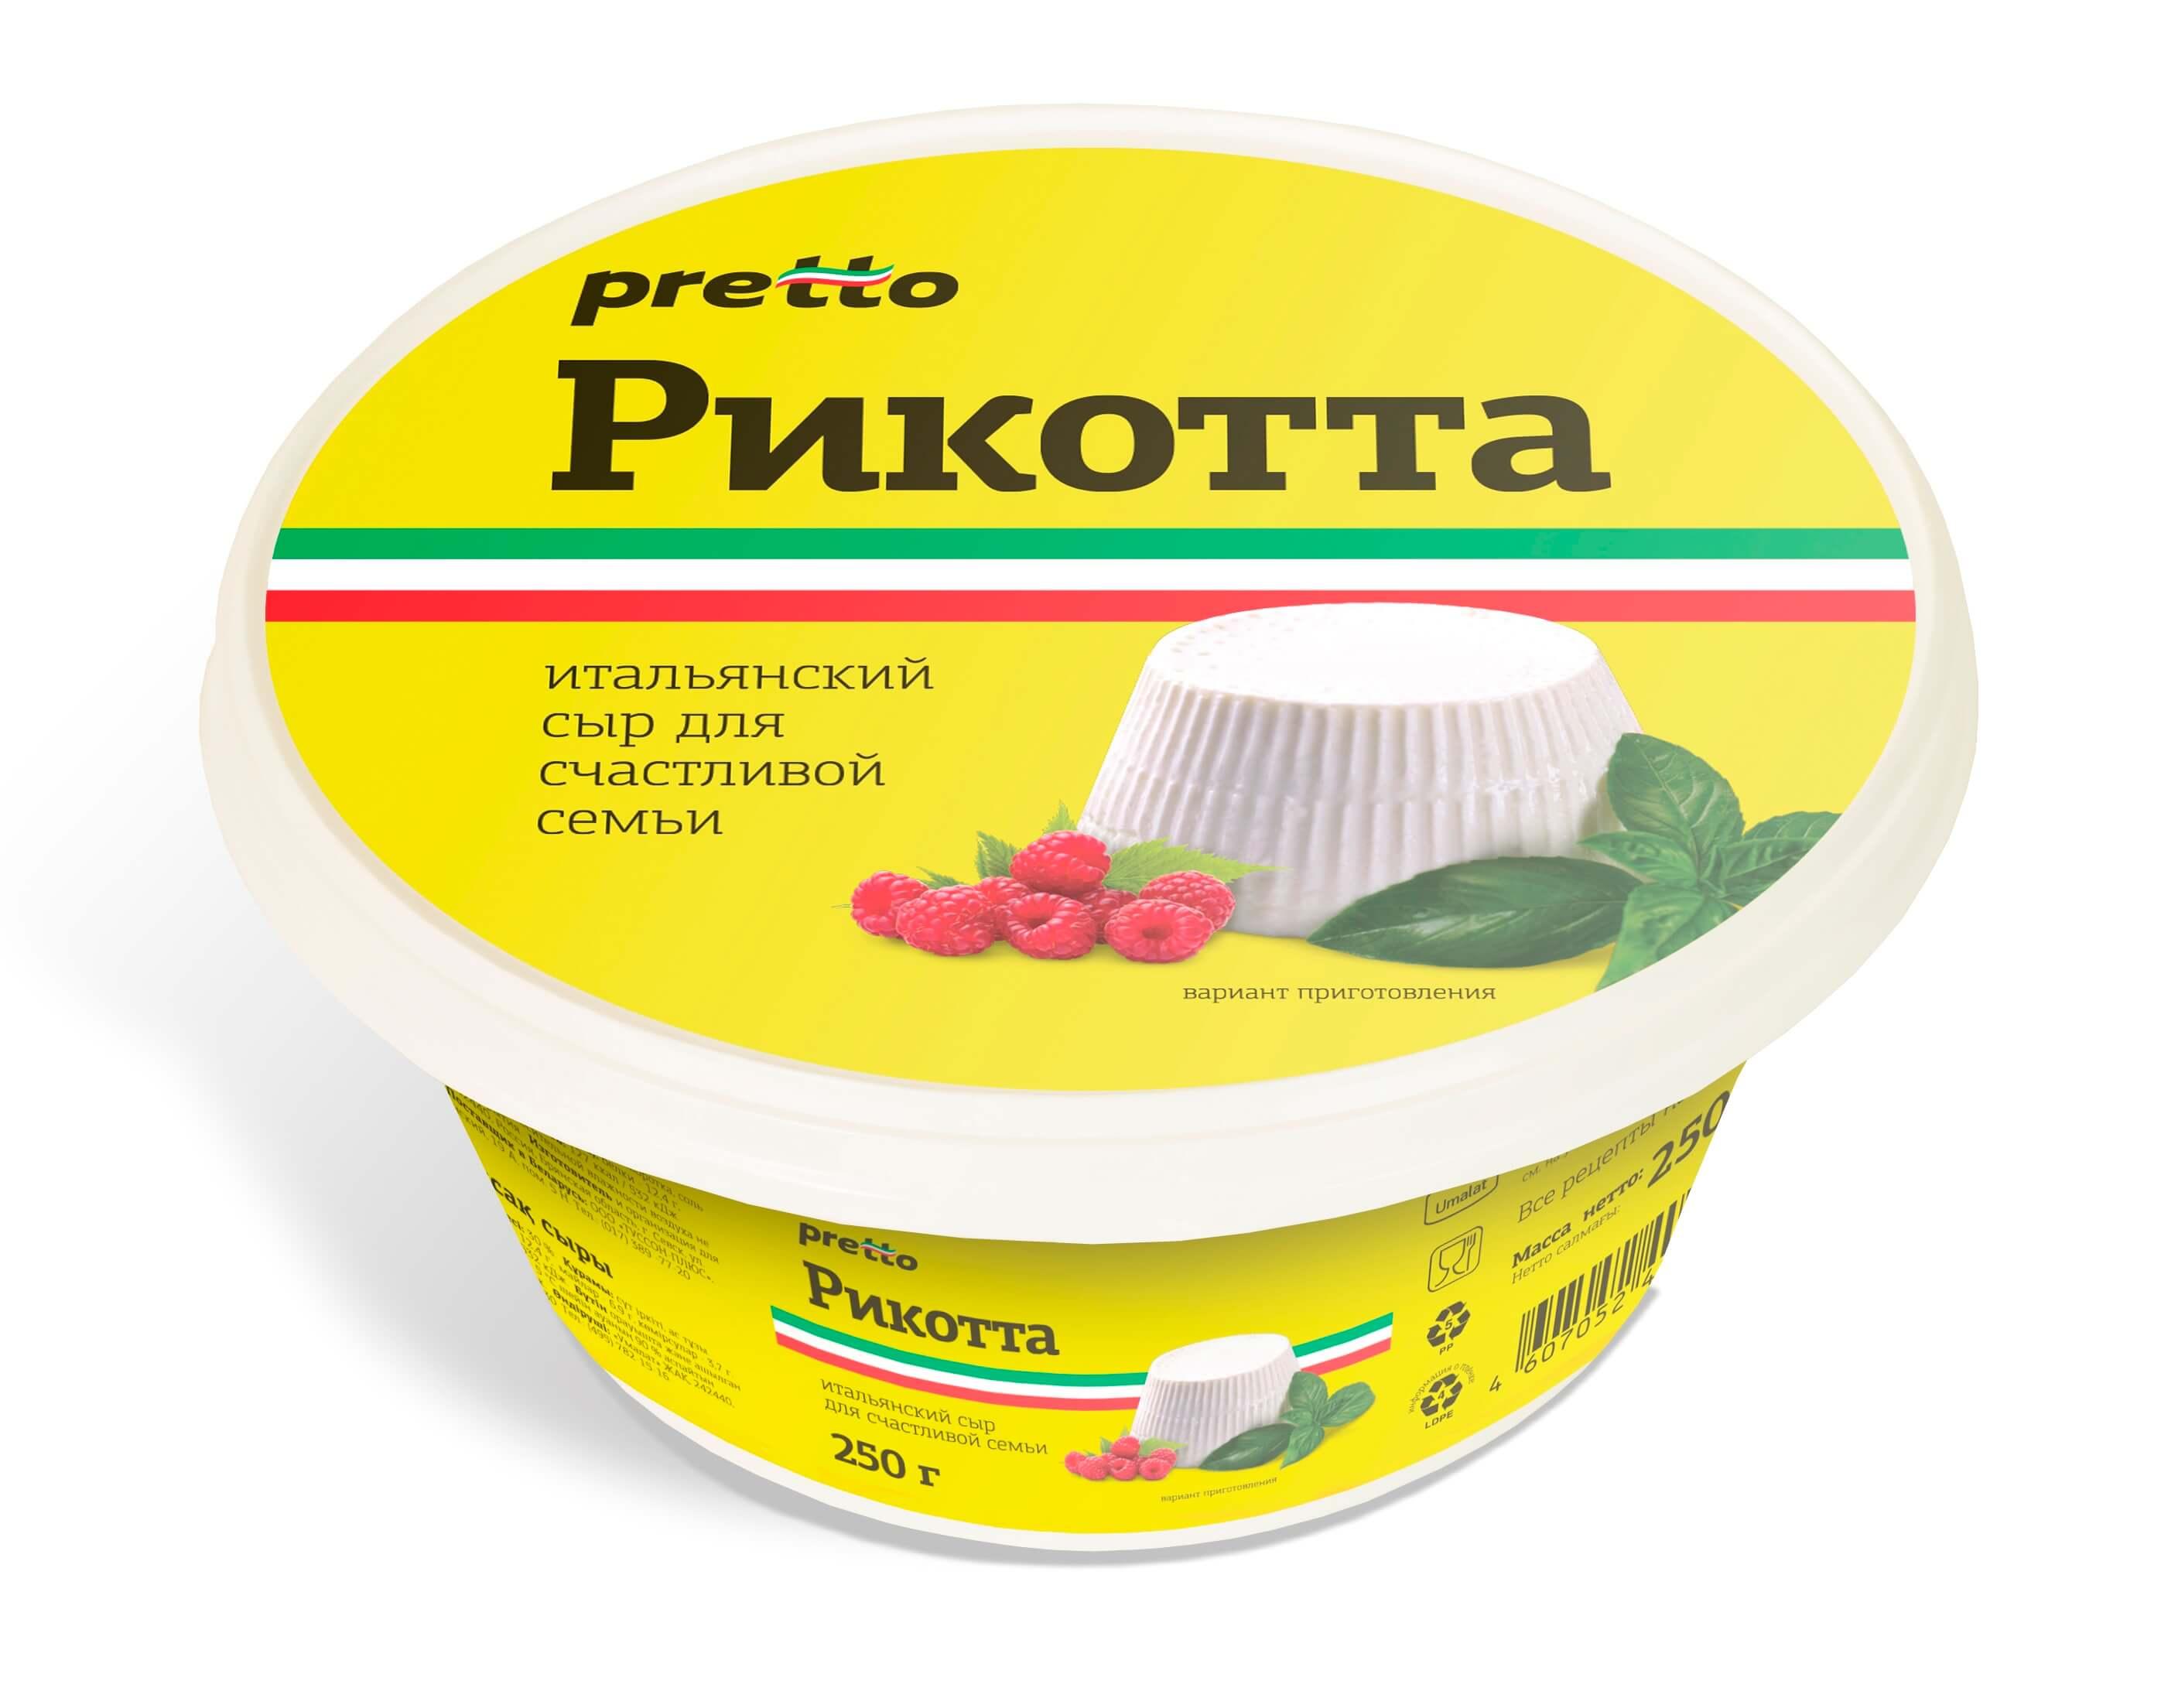 Сыр Pretto Ricotta - отзыв